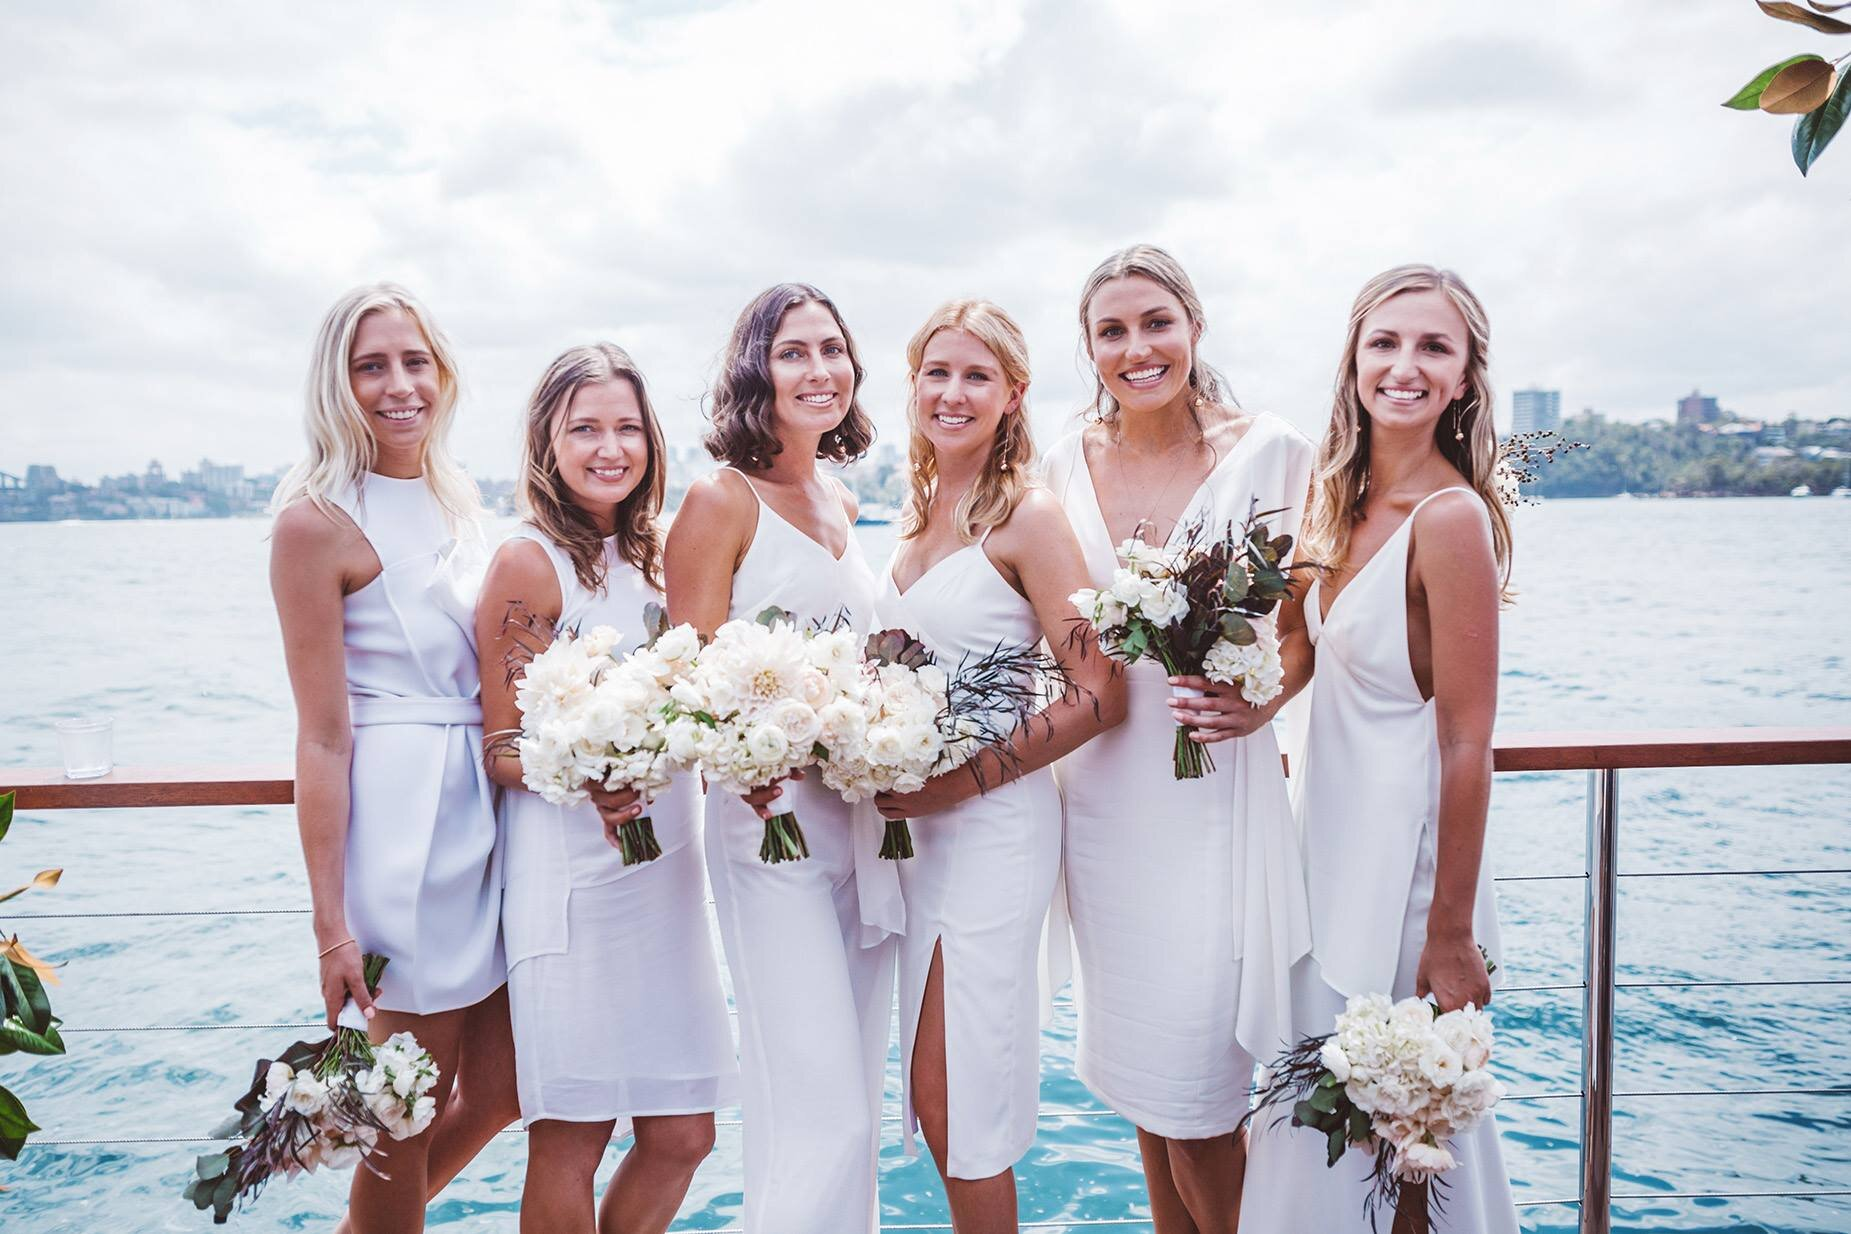 Em ENTIRE Bridal Party.jpg